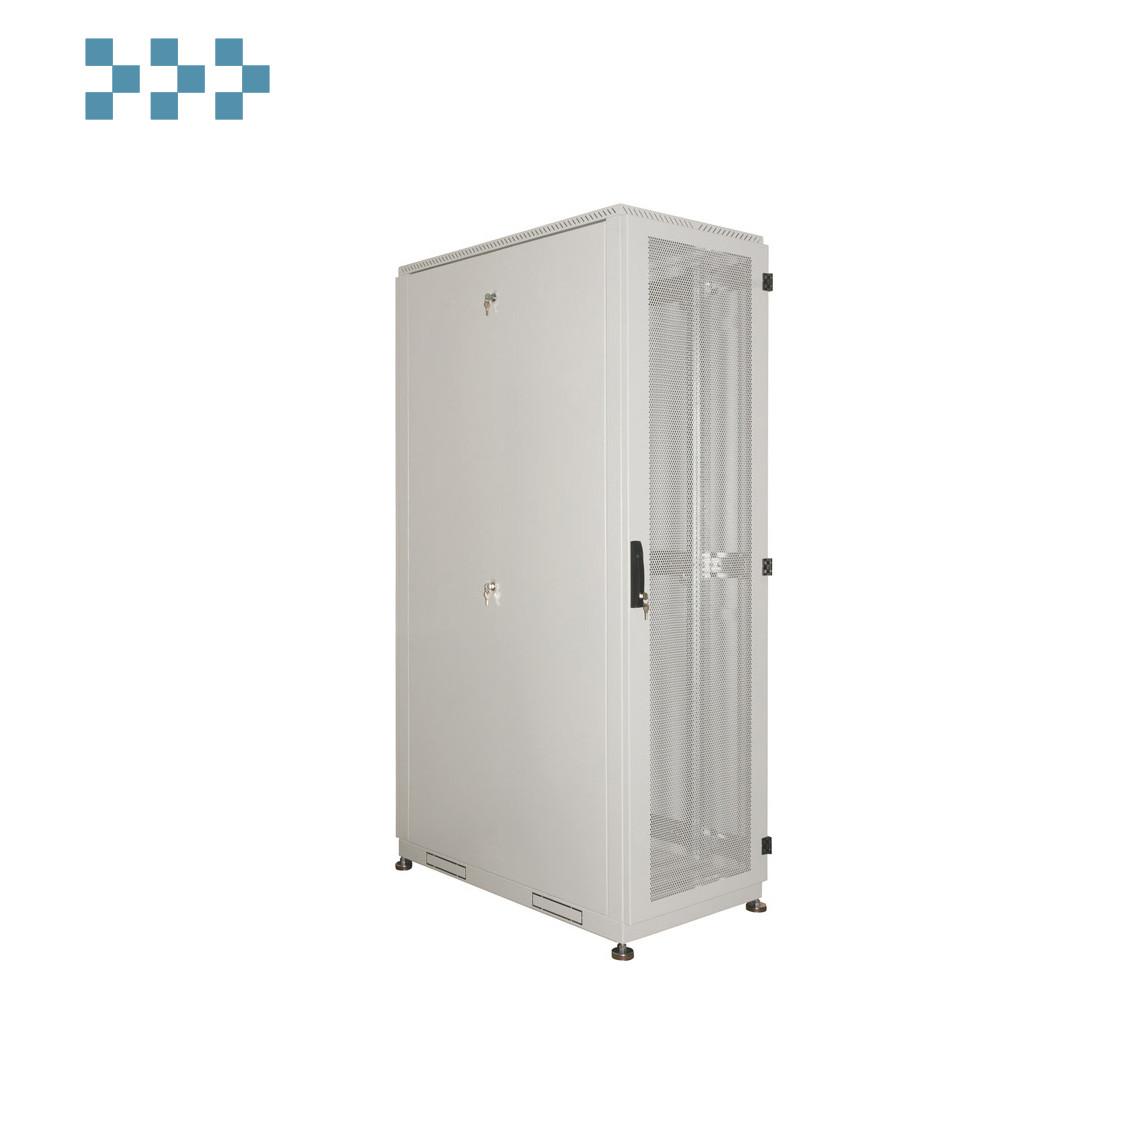 Шкаф серверный напольный 42U ЦМО ШТК-С-42.6.10-48АА